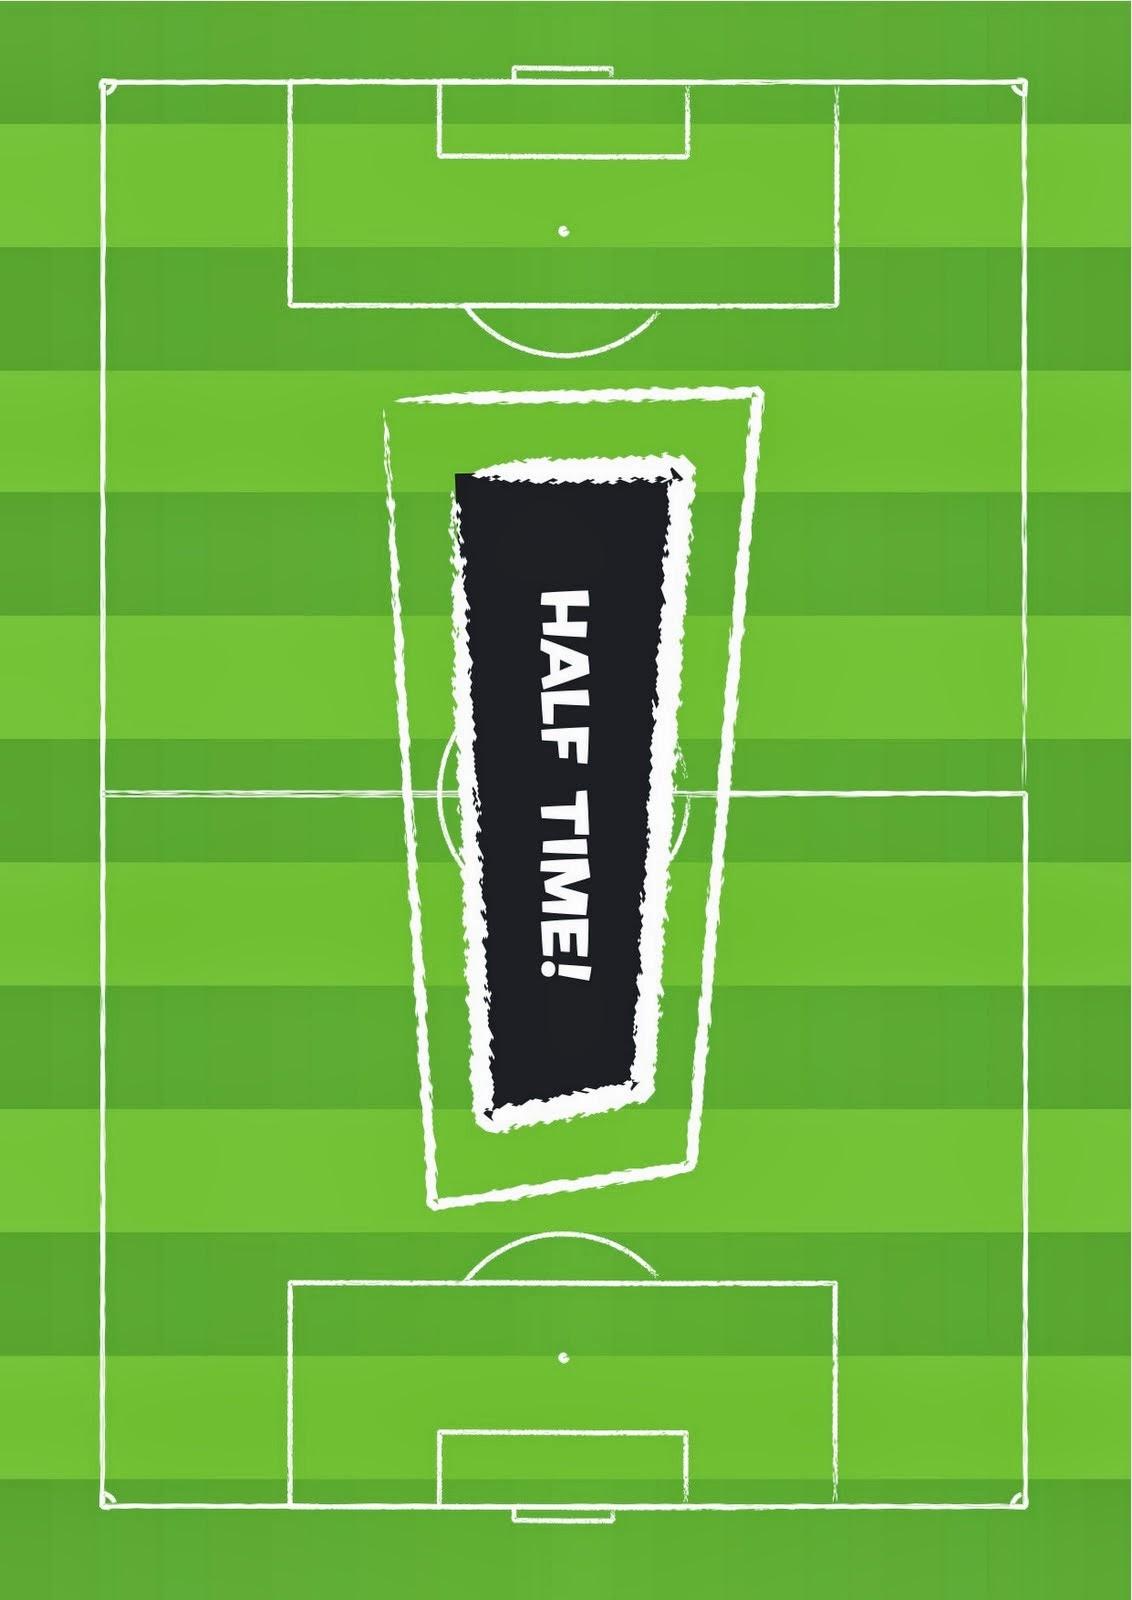 Kit para Fiestas de Futbol, para Imprimir gratis. | Ideas y ...